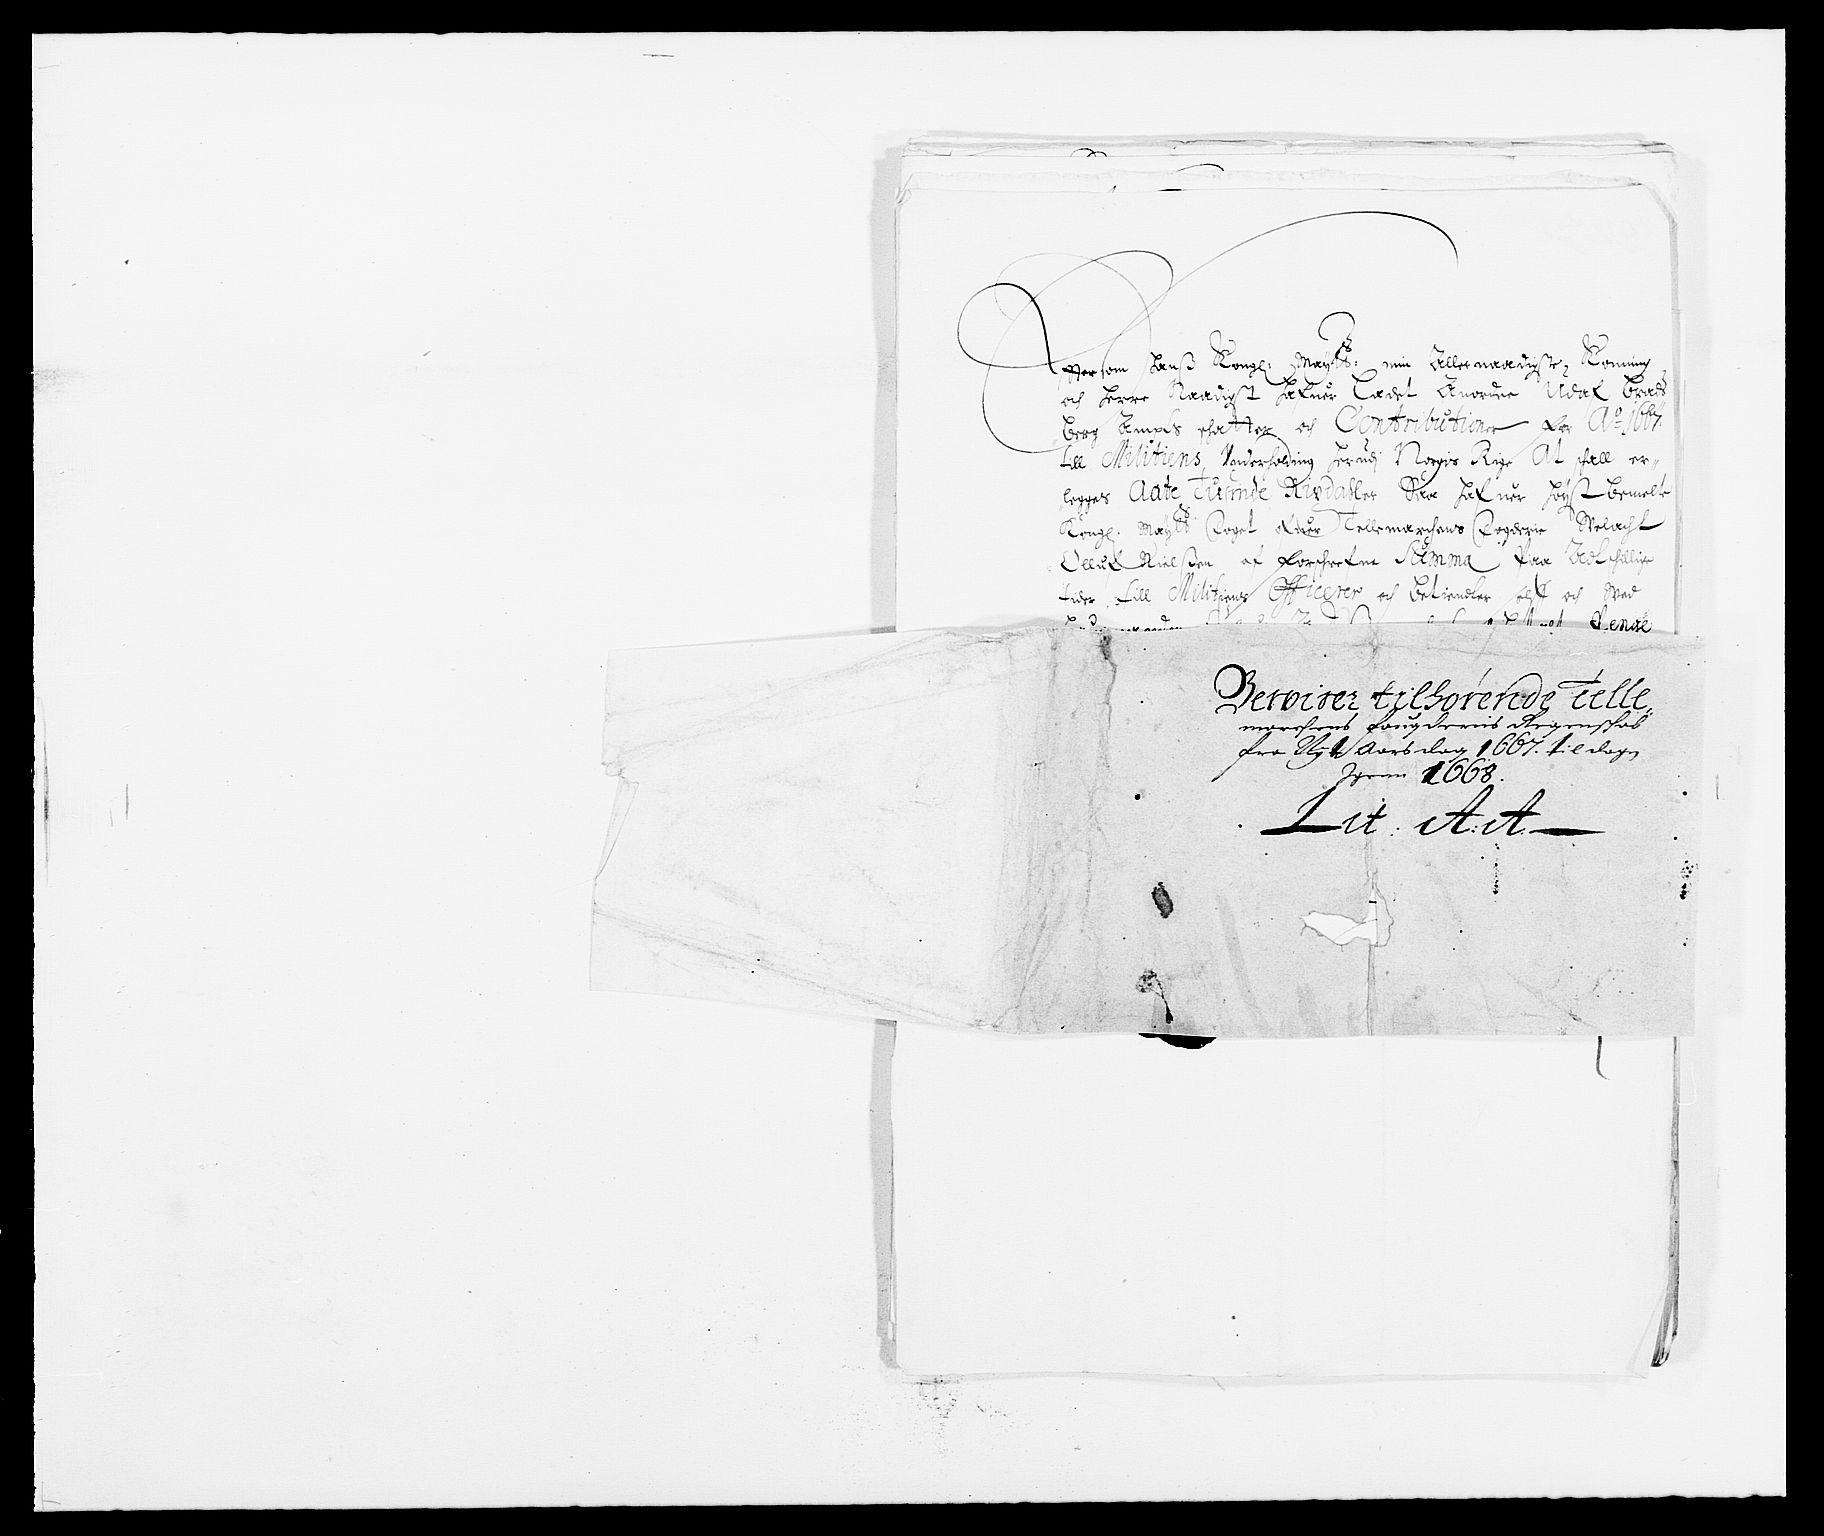 RA, Rentekammeret inntil 1814, Reviderte regnskaper, Fogderegnskap, R35/L2057: Fogderegnskap Øvre og Nedre Telemark, 1666-1667, s. 498